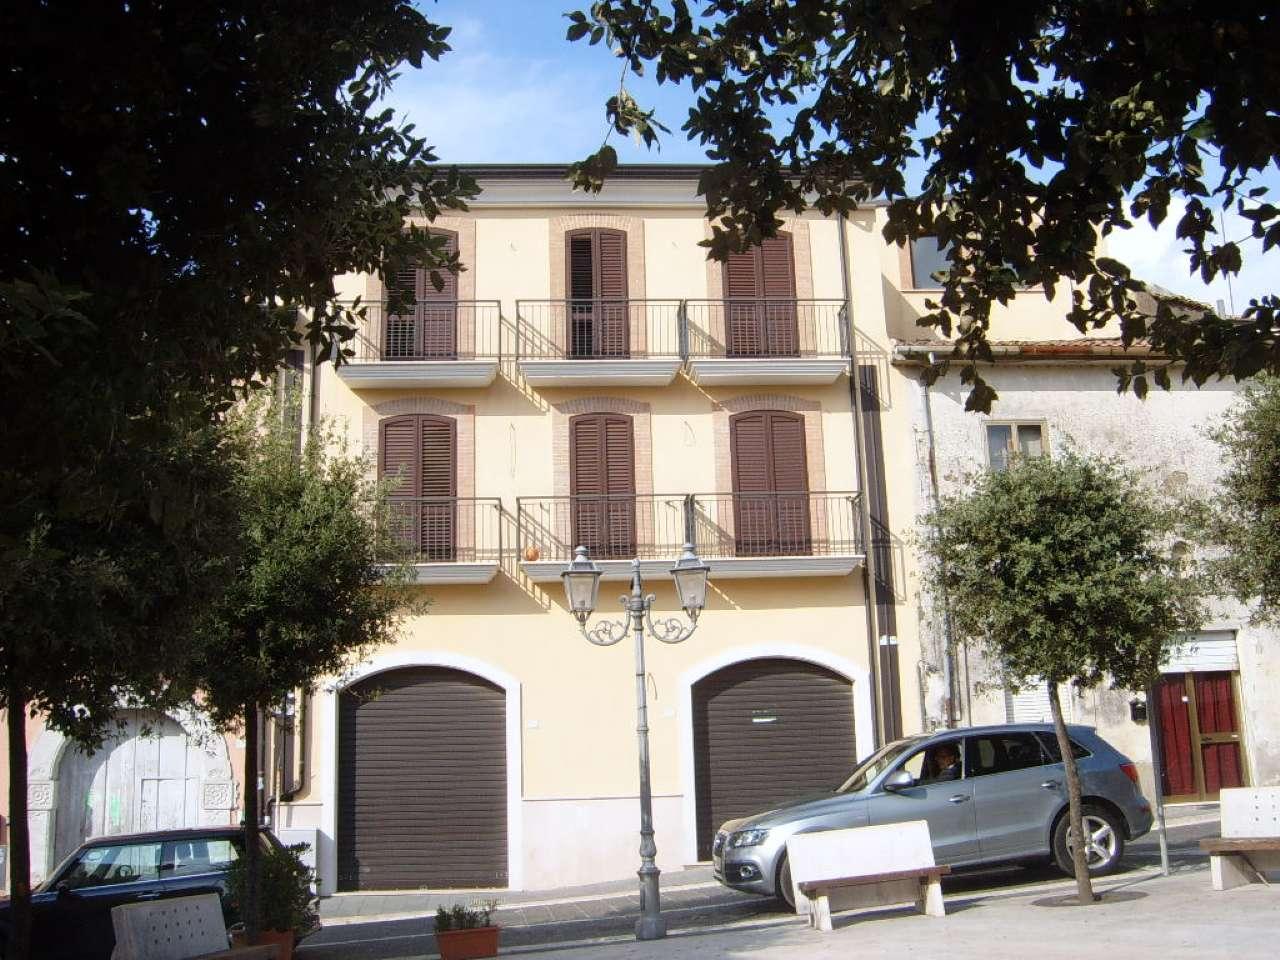 Appartamento trilocale in affitto a Manocalzati (AV)